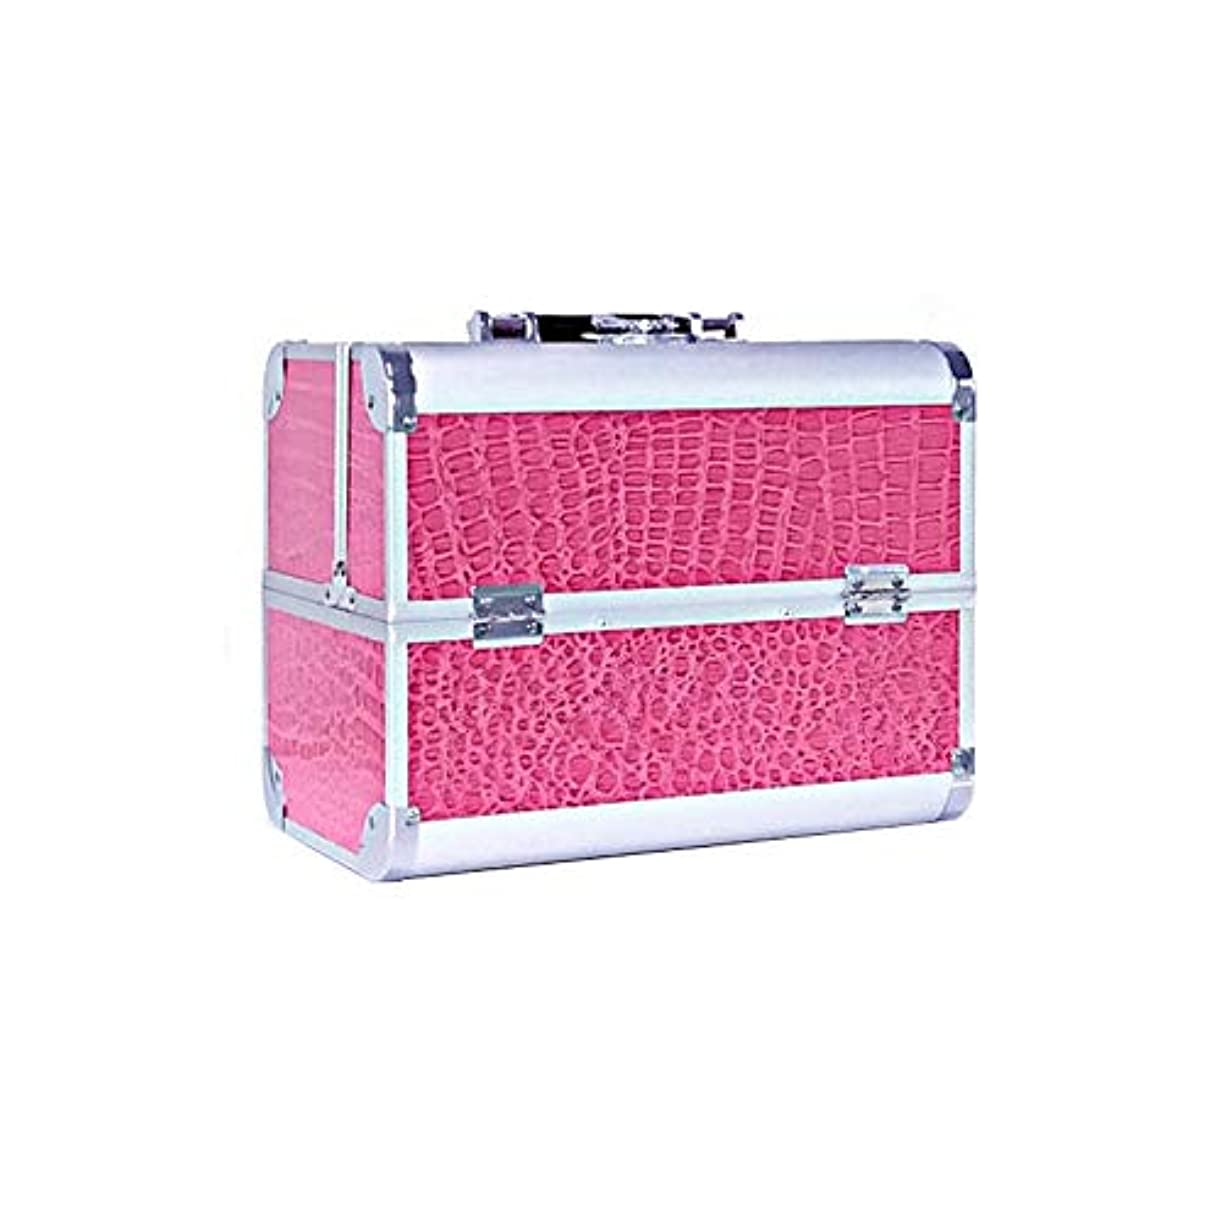 事実エキス虎メイクボックス プロ用 コスメボックス 化粧品箱 大容量 鍵付き ハンドル付き 持ち運び便利 ピンク アウトドア撮影 11色 機能的 収納 防水 アミル 美容師